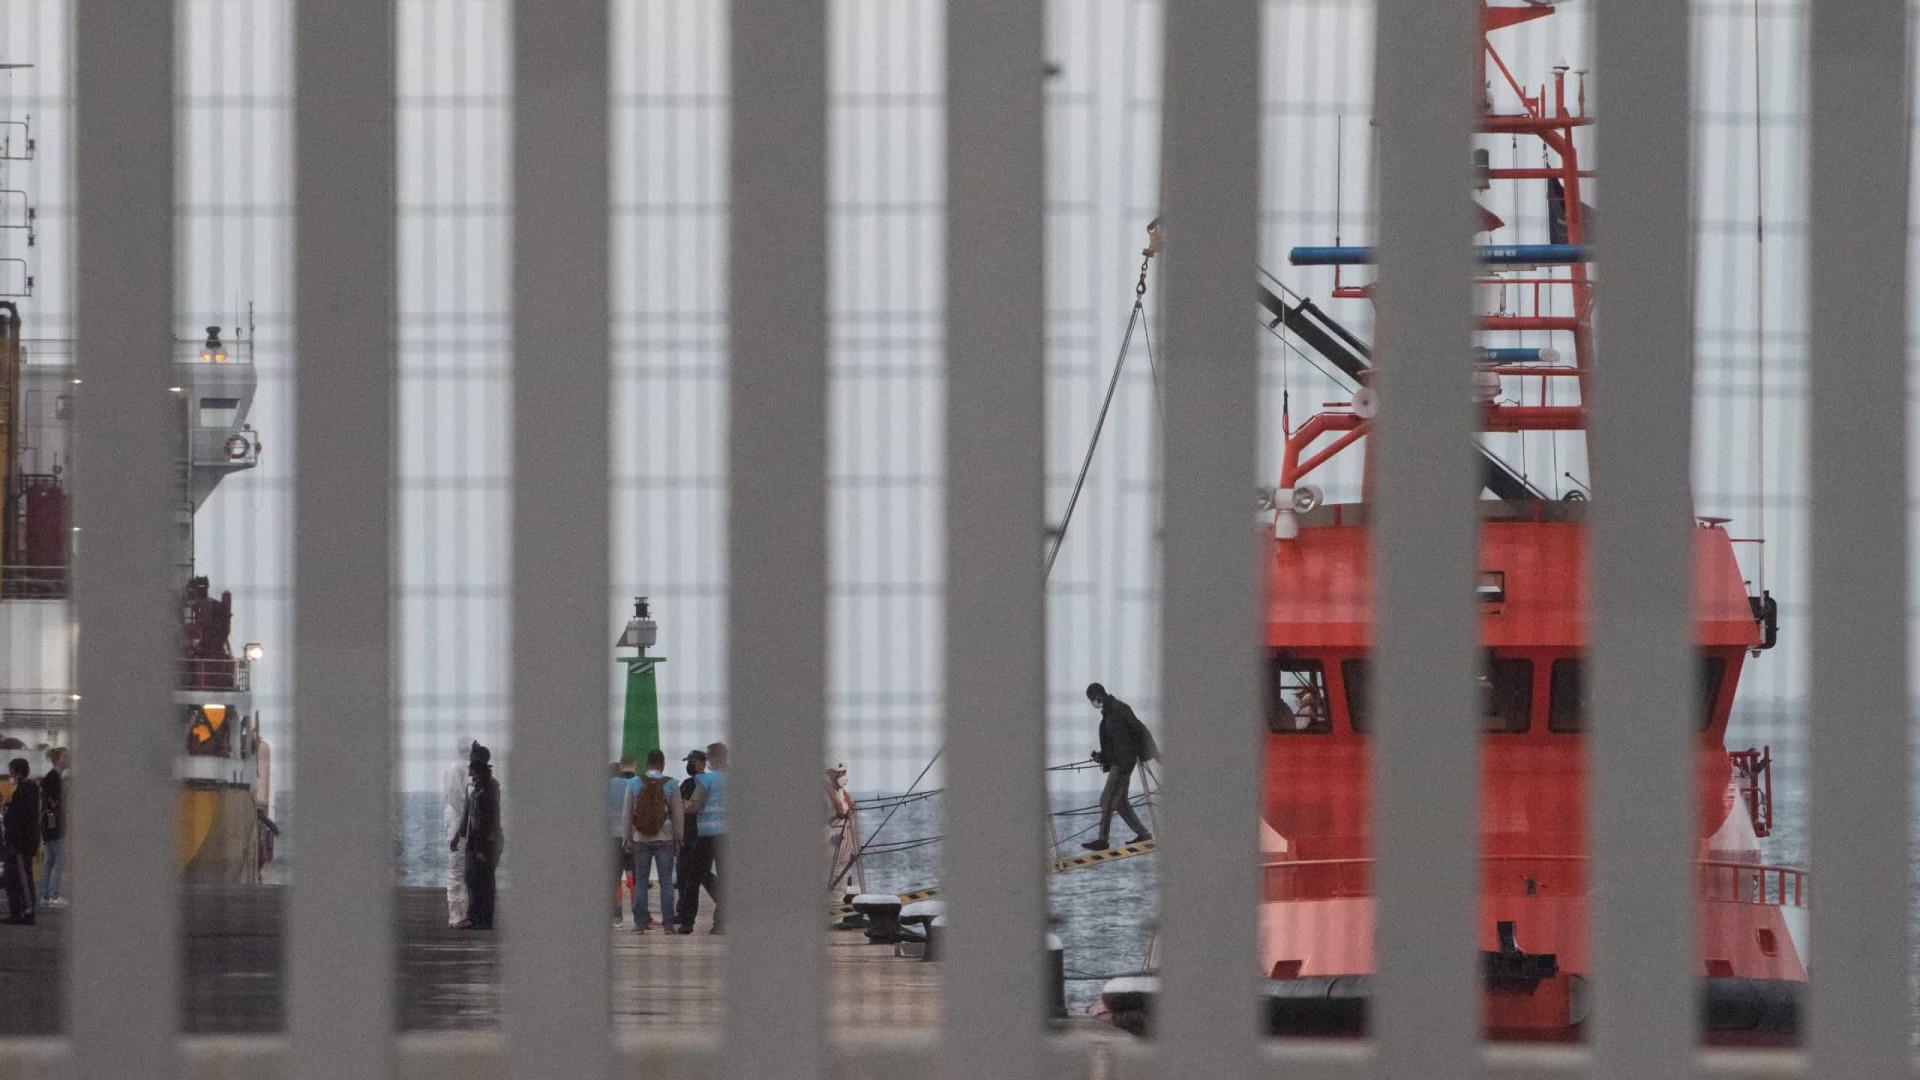 Mais de 400 migrantes resgatados aguardam acolhimento europeu